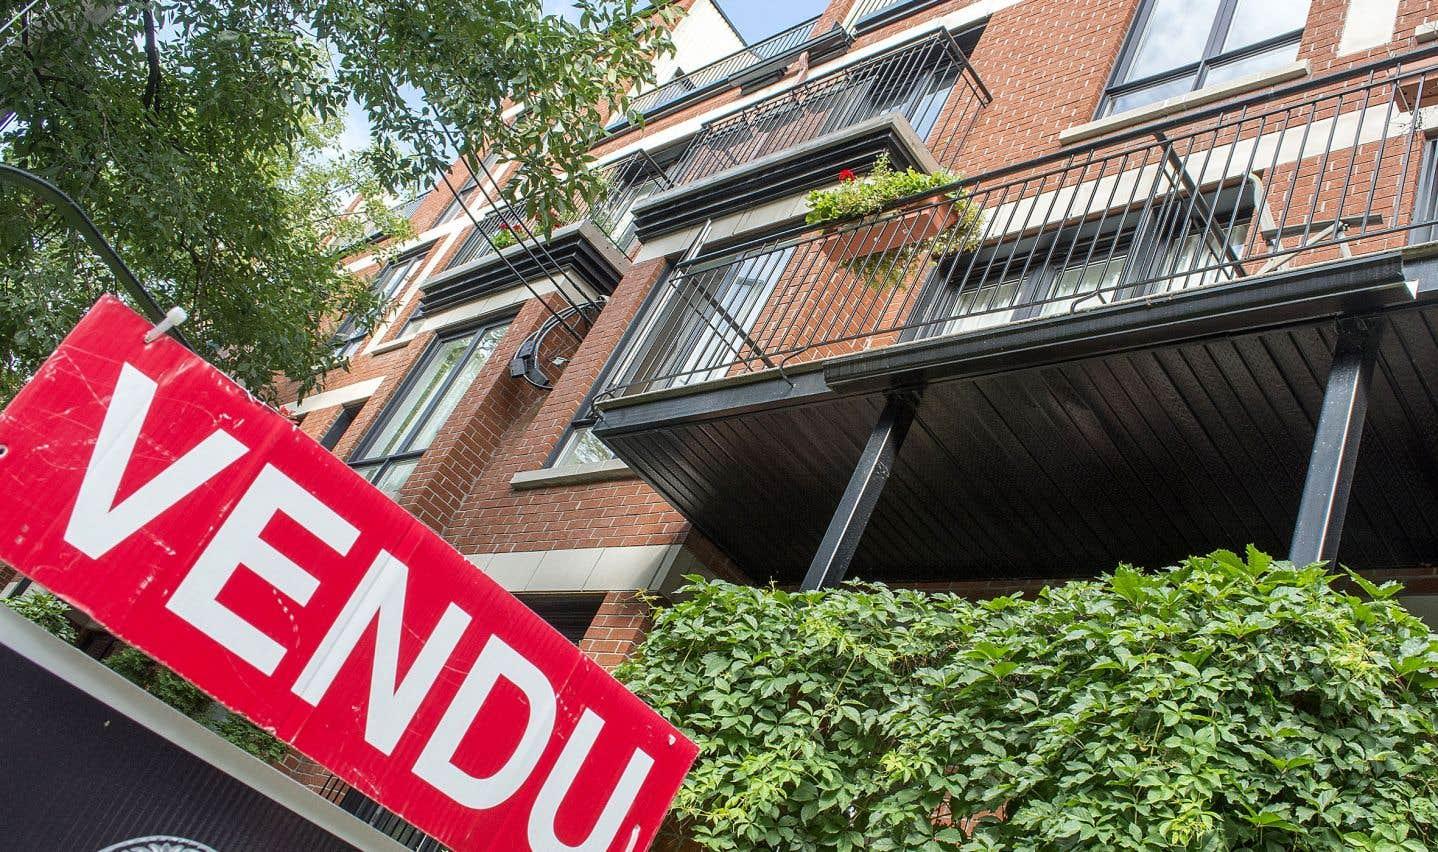 Les transactions immobilières en chaîne nécessitent une soigneuse planification des dépenses, car ces dernières sont en général nombreuses.